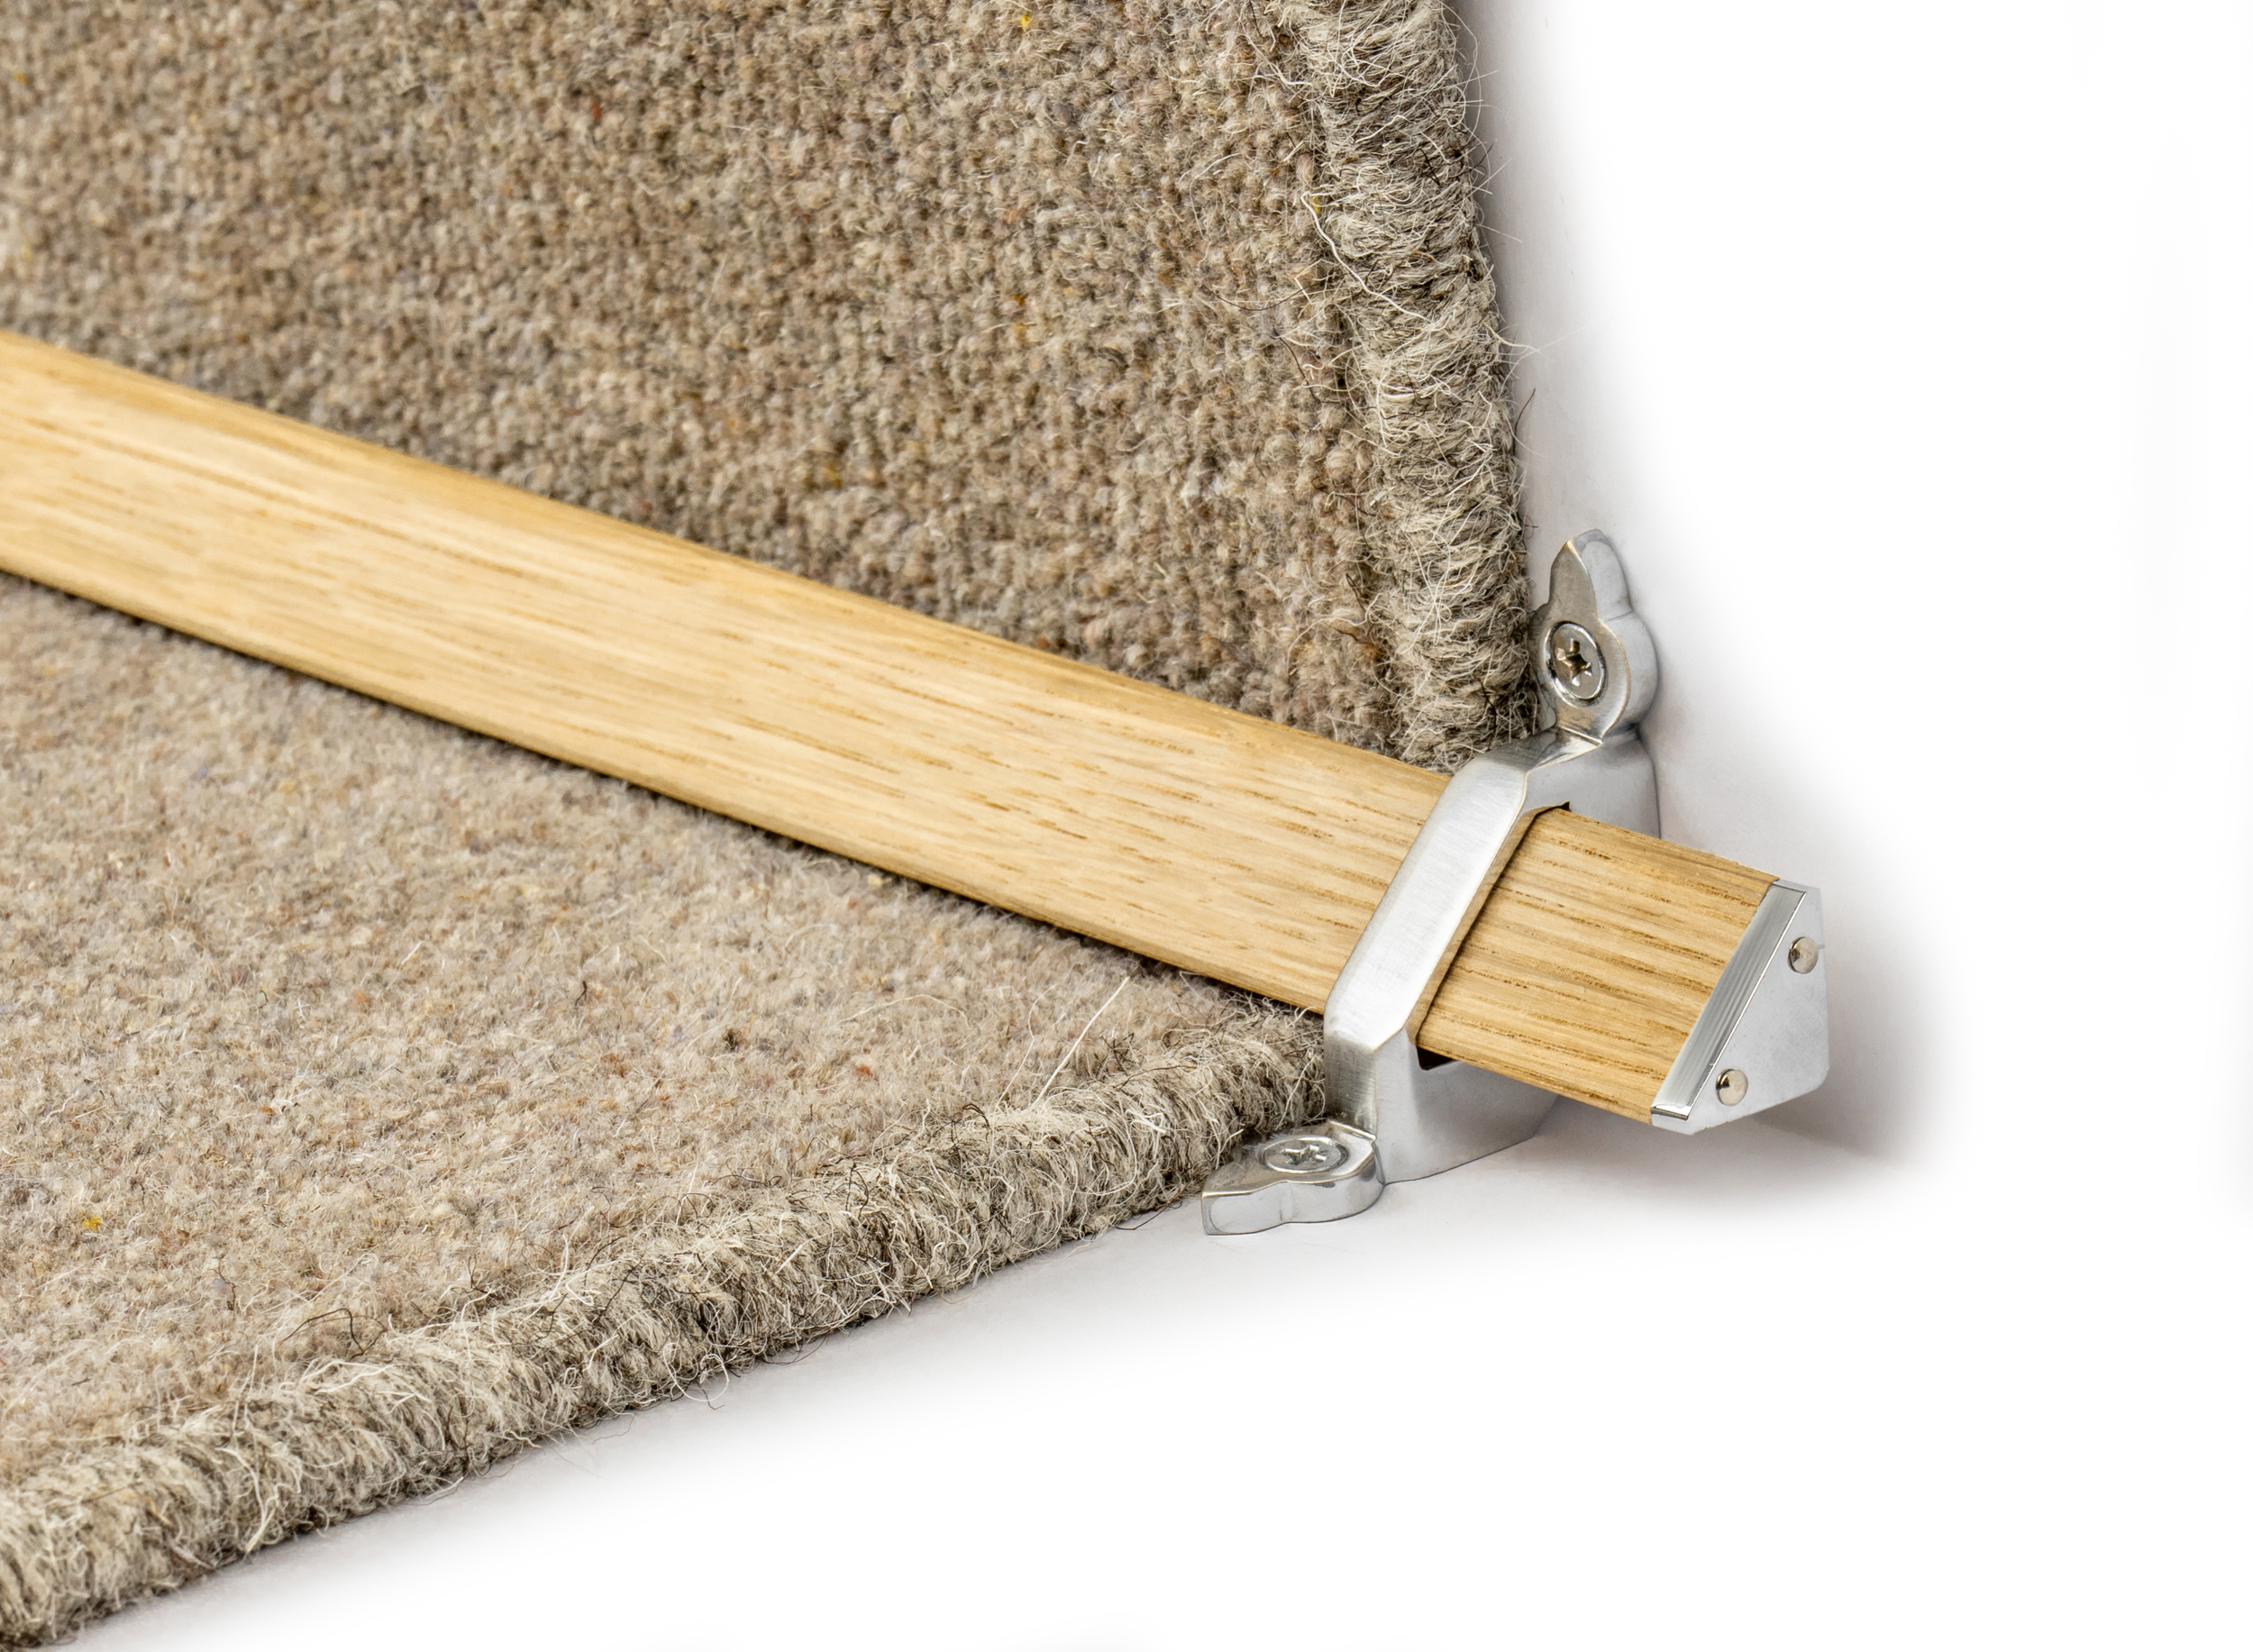 stairrods-brushed-chrome-wooden-tudor 3.jpg